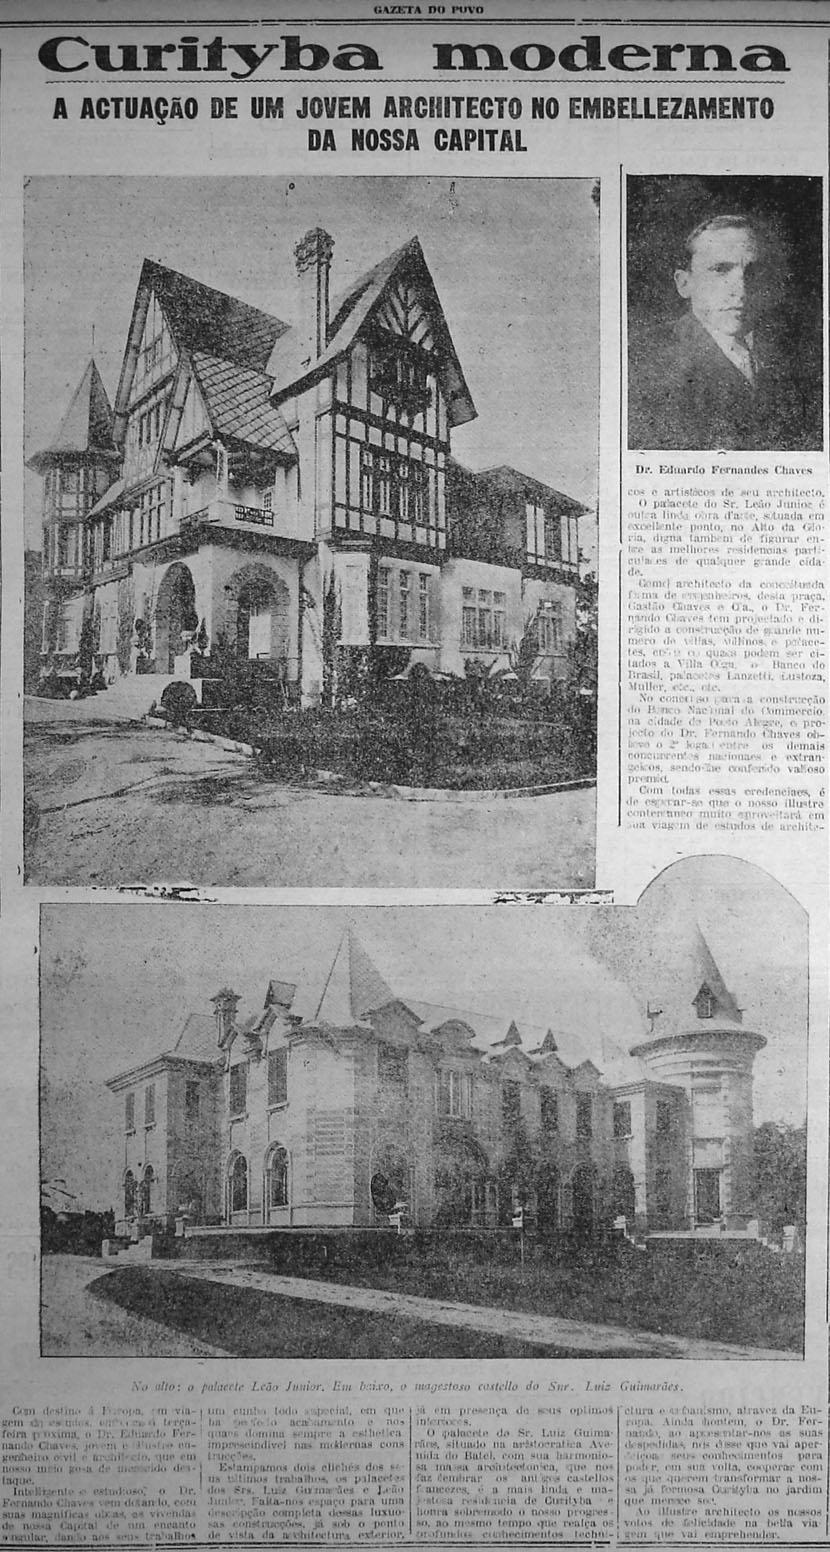 fonte: CURITYBA MODERNA – A actuação de um jovem architecto no embellezamento da nossa capital. In: Jornal Gazeta do Povo. Curityba, 22 de abril de 1928. p. 5.